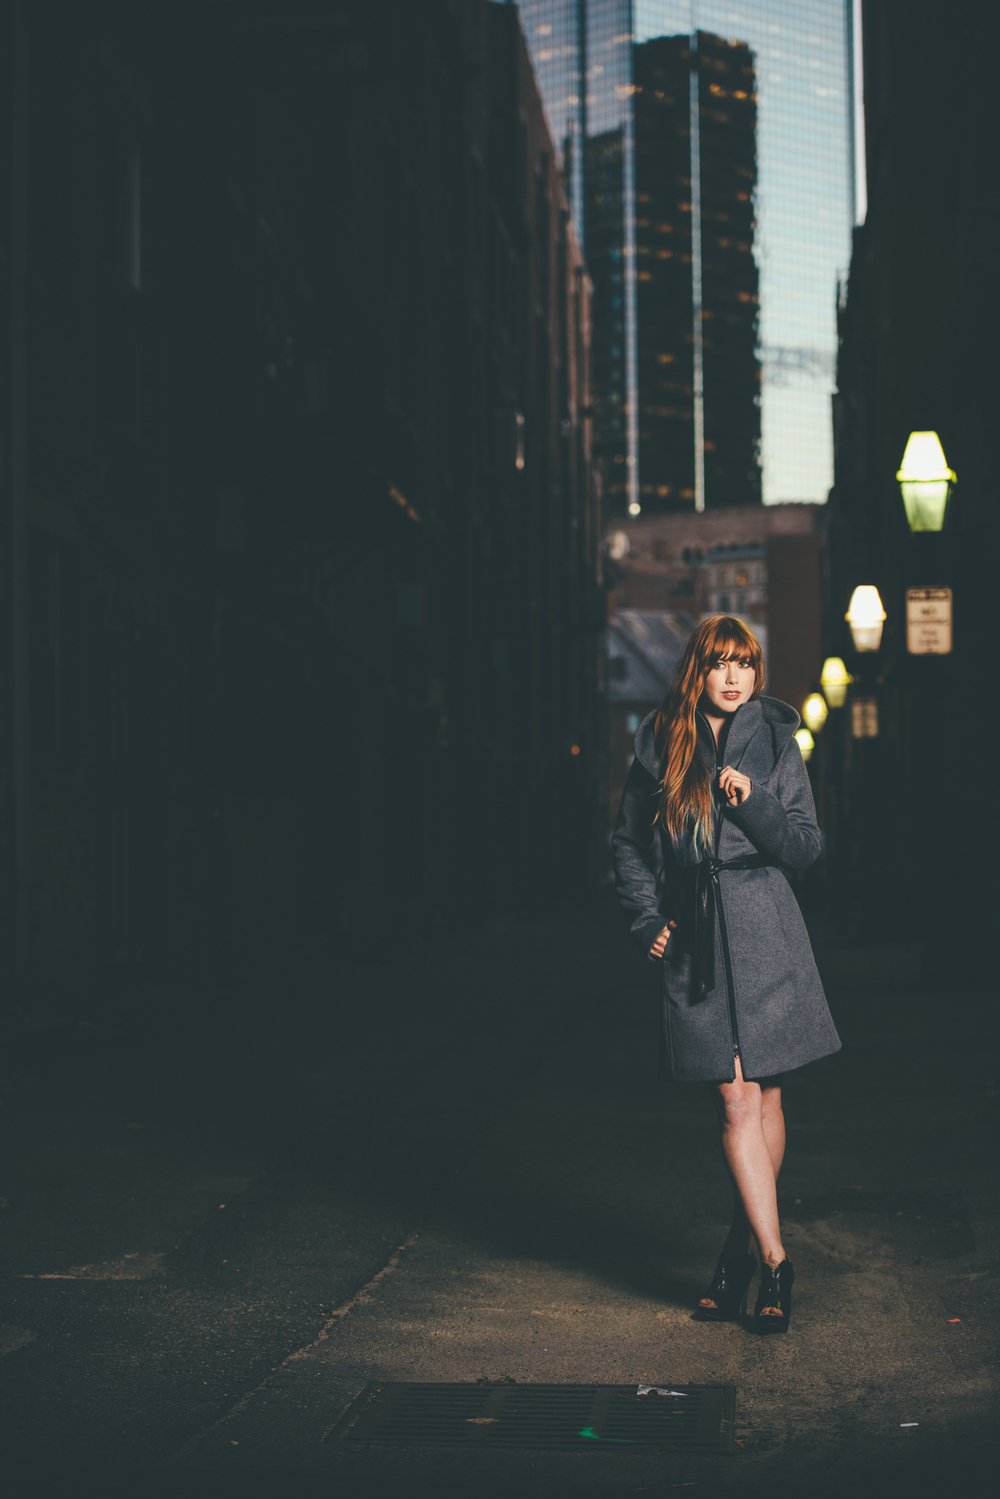 Twilight-09-23-467.jpg